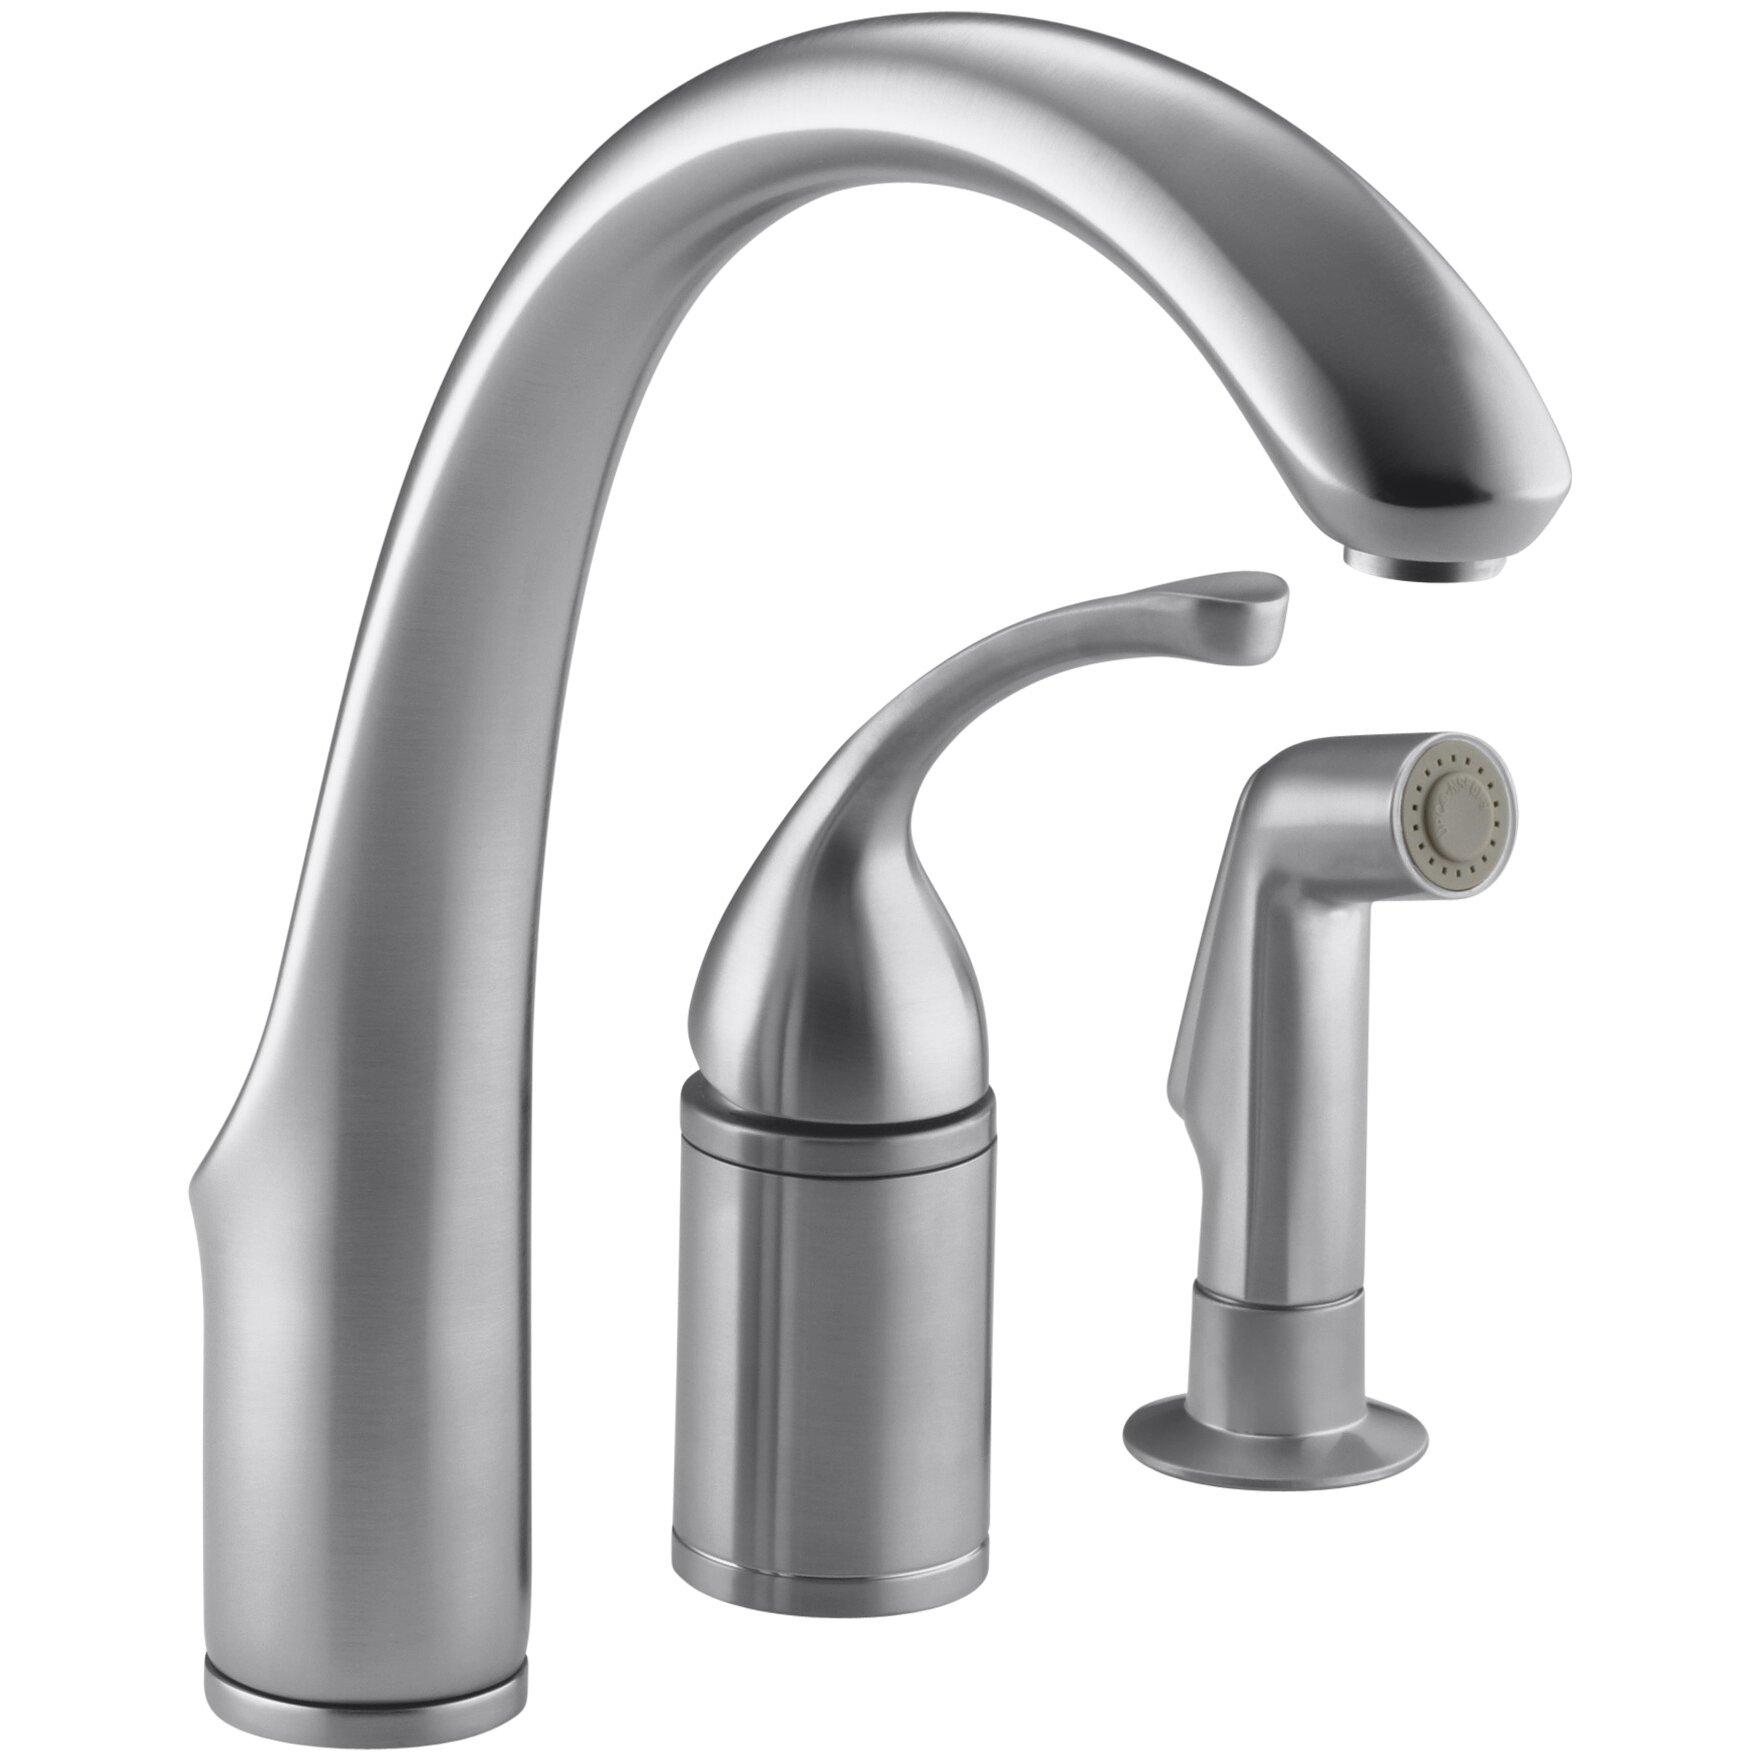 Hole Remote Valve Kitchen Sink Faucet